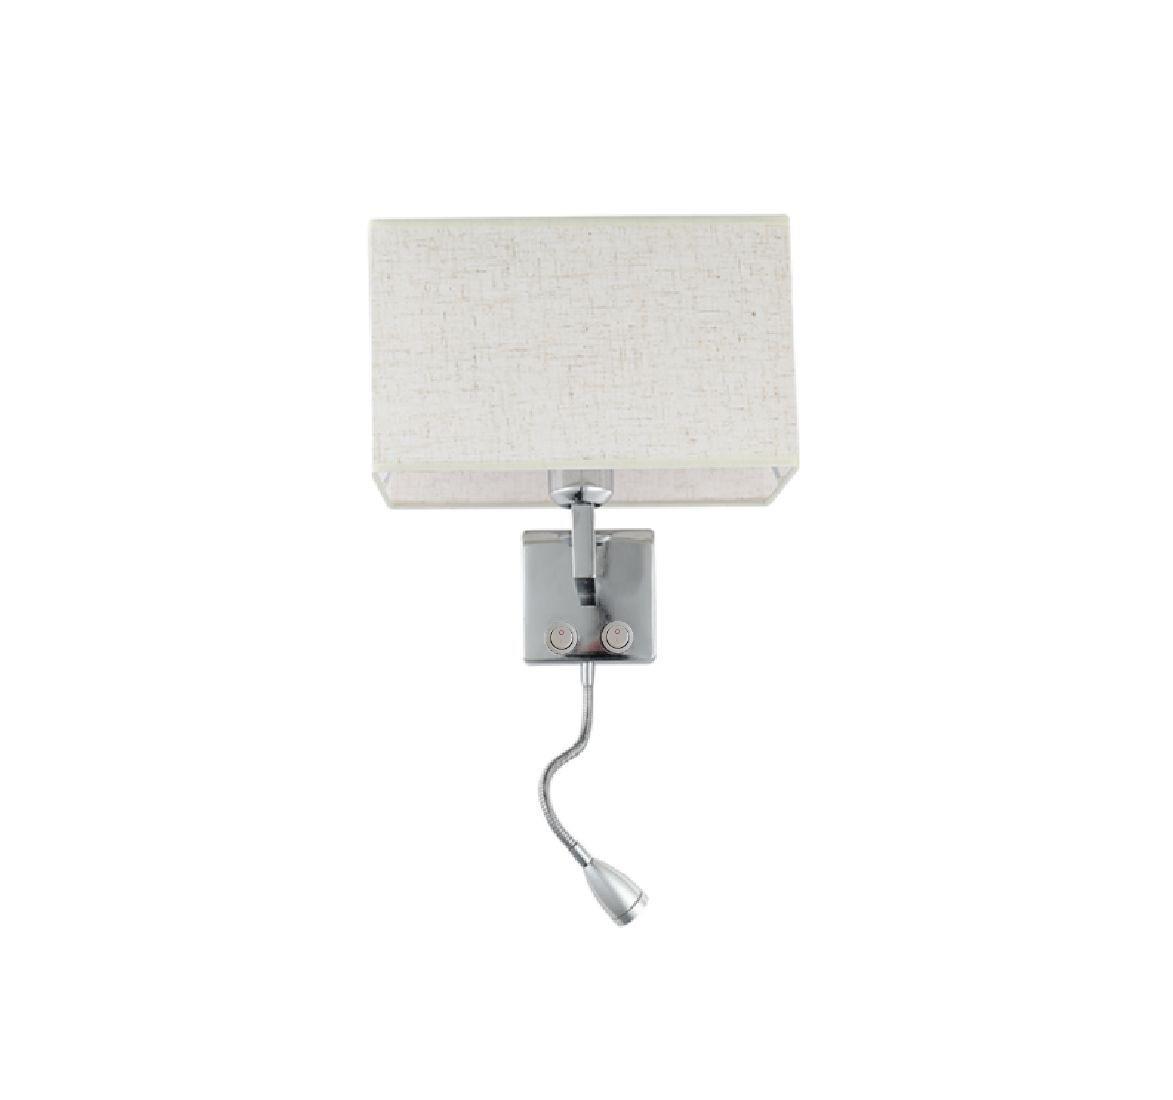 Kit 2 Arandelas Com Tecla Para Quarto Painel Cabeceira Cama Com Lâmpada Led